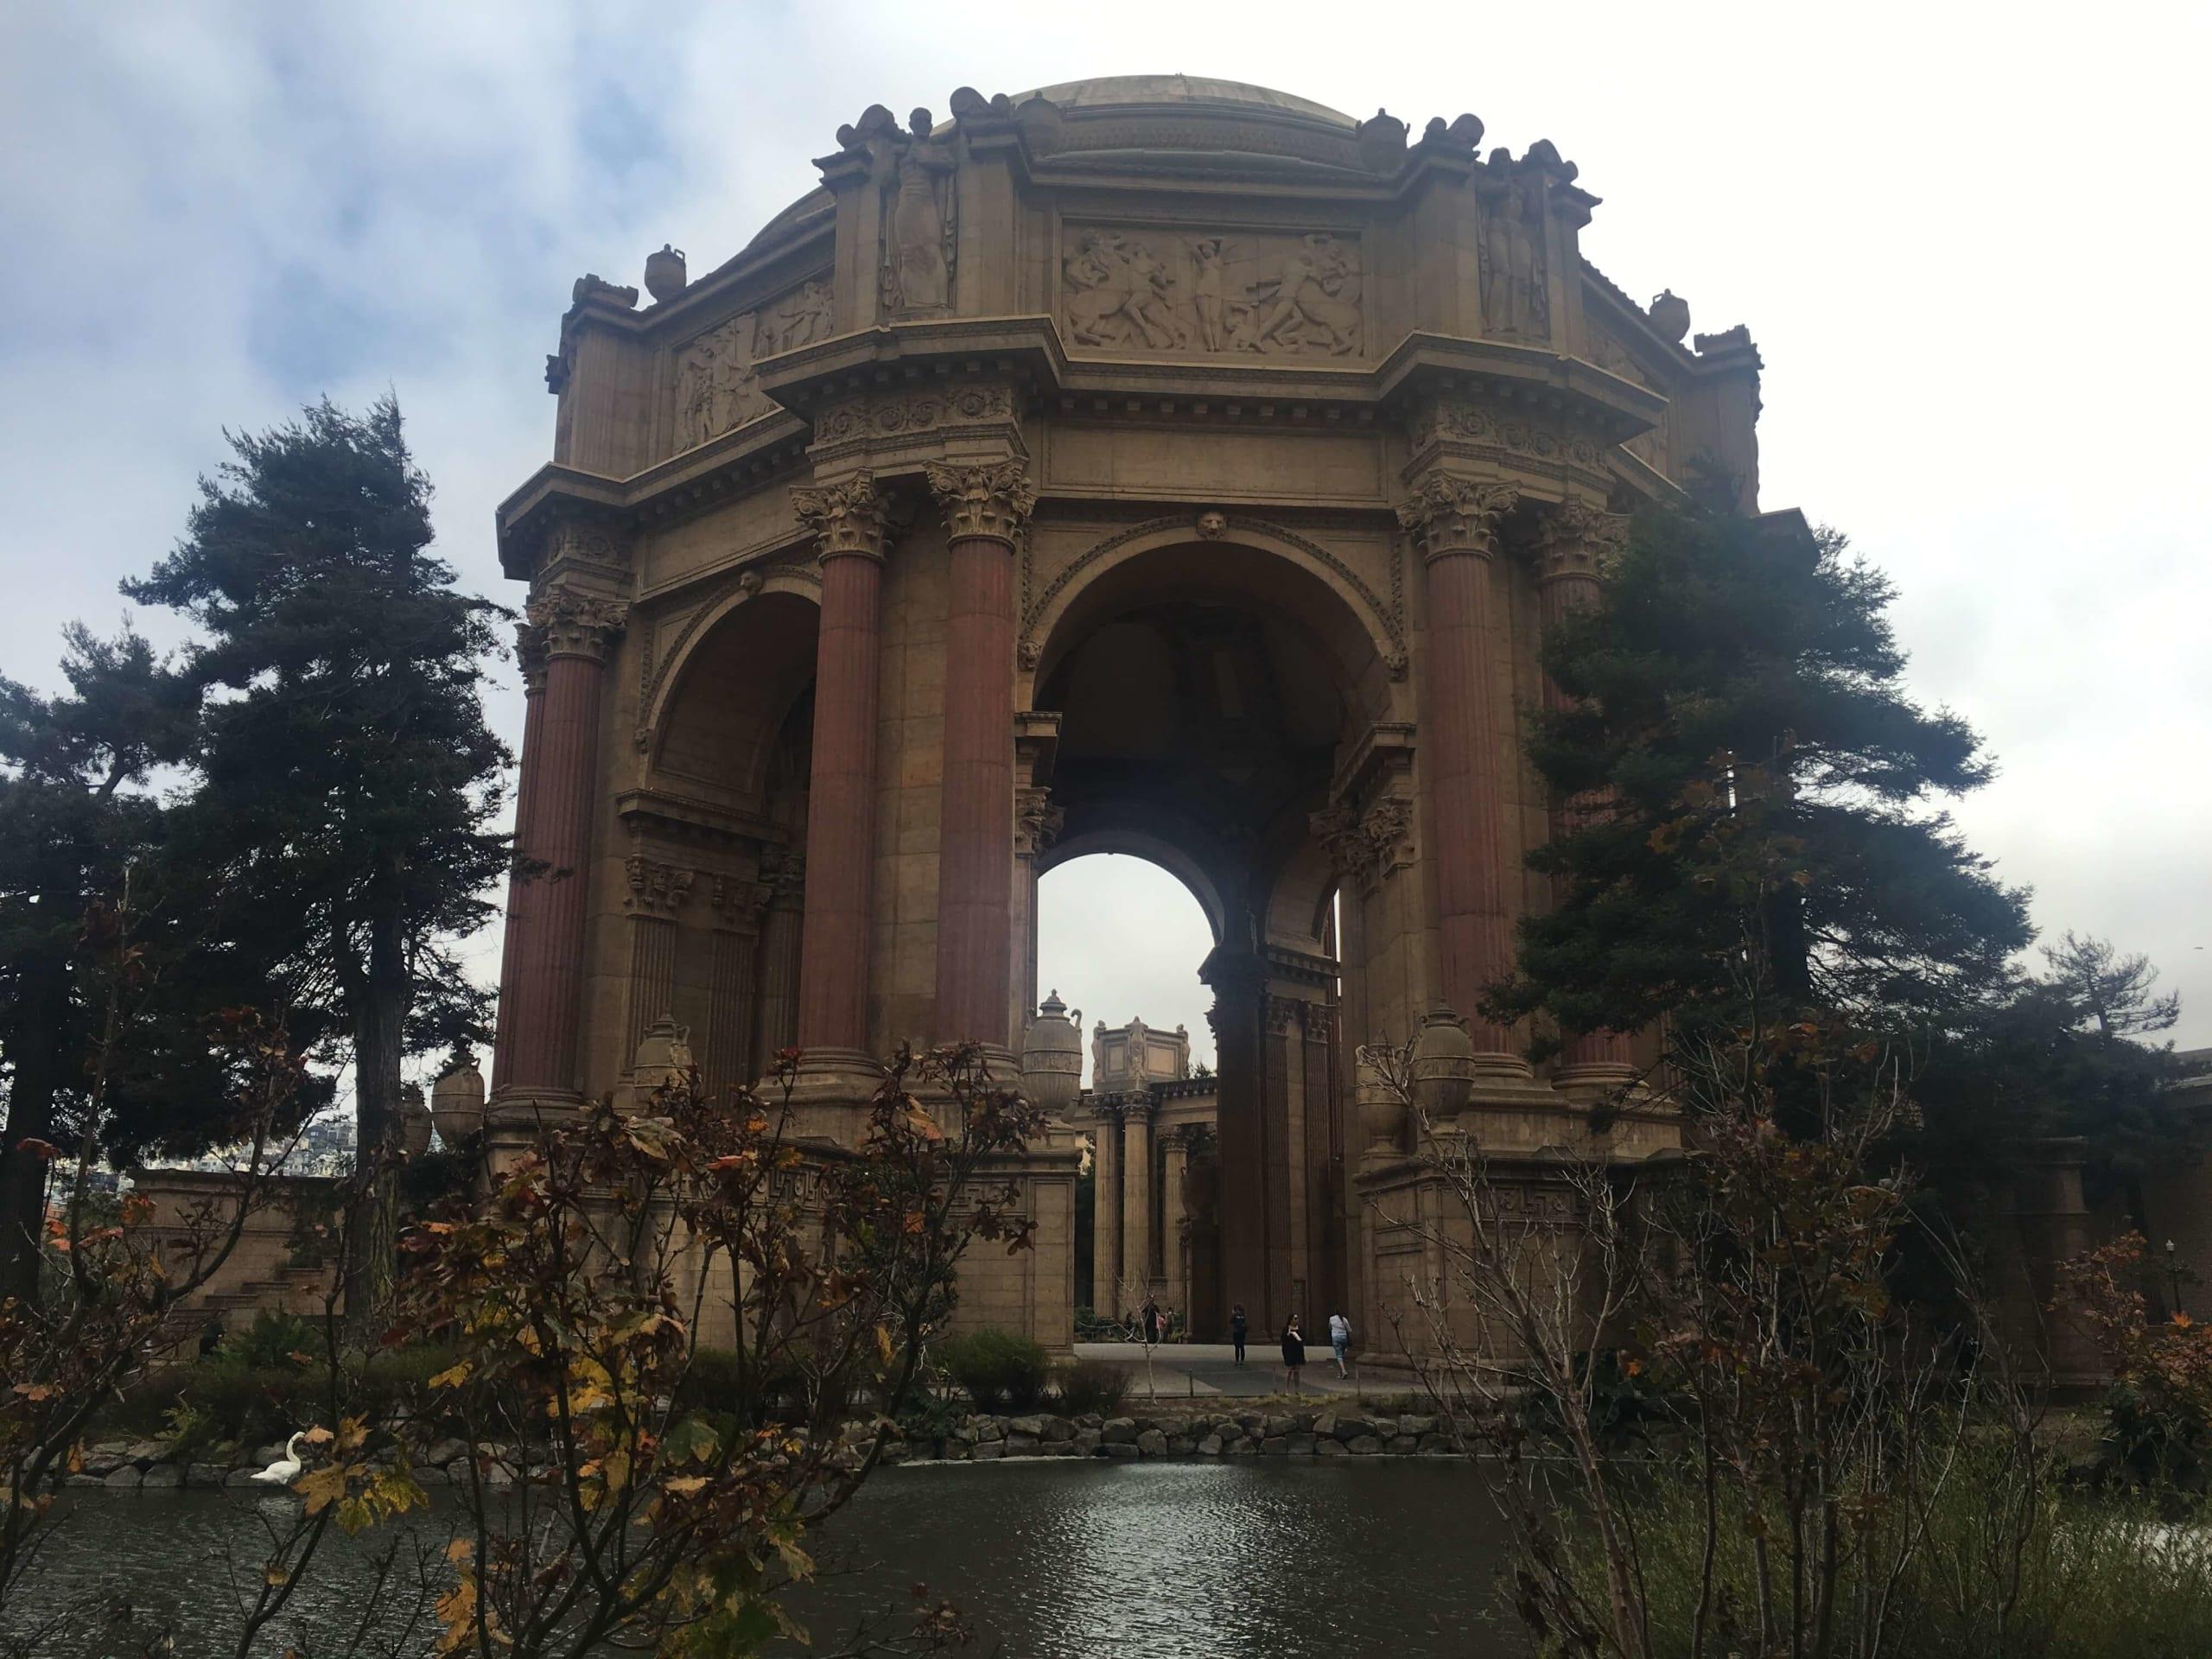 Güzel Sanatlar Sarayı: Mimarisi ile sizi büyüleyecek olan asırlık çınar